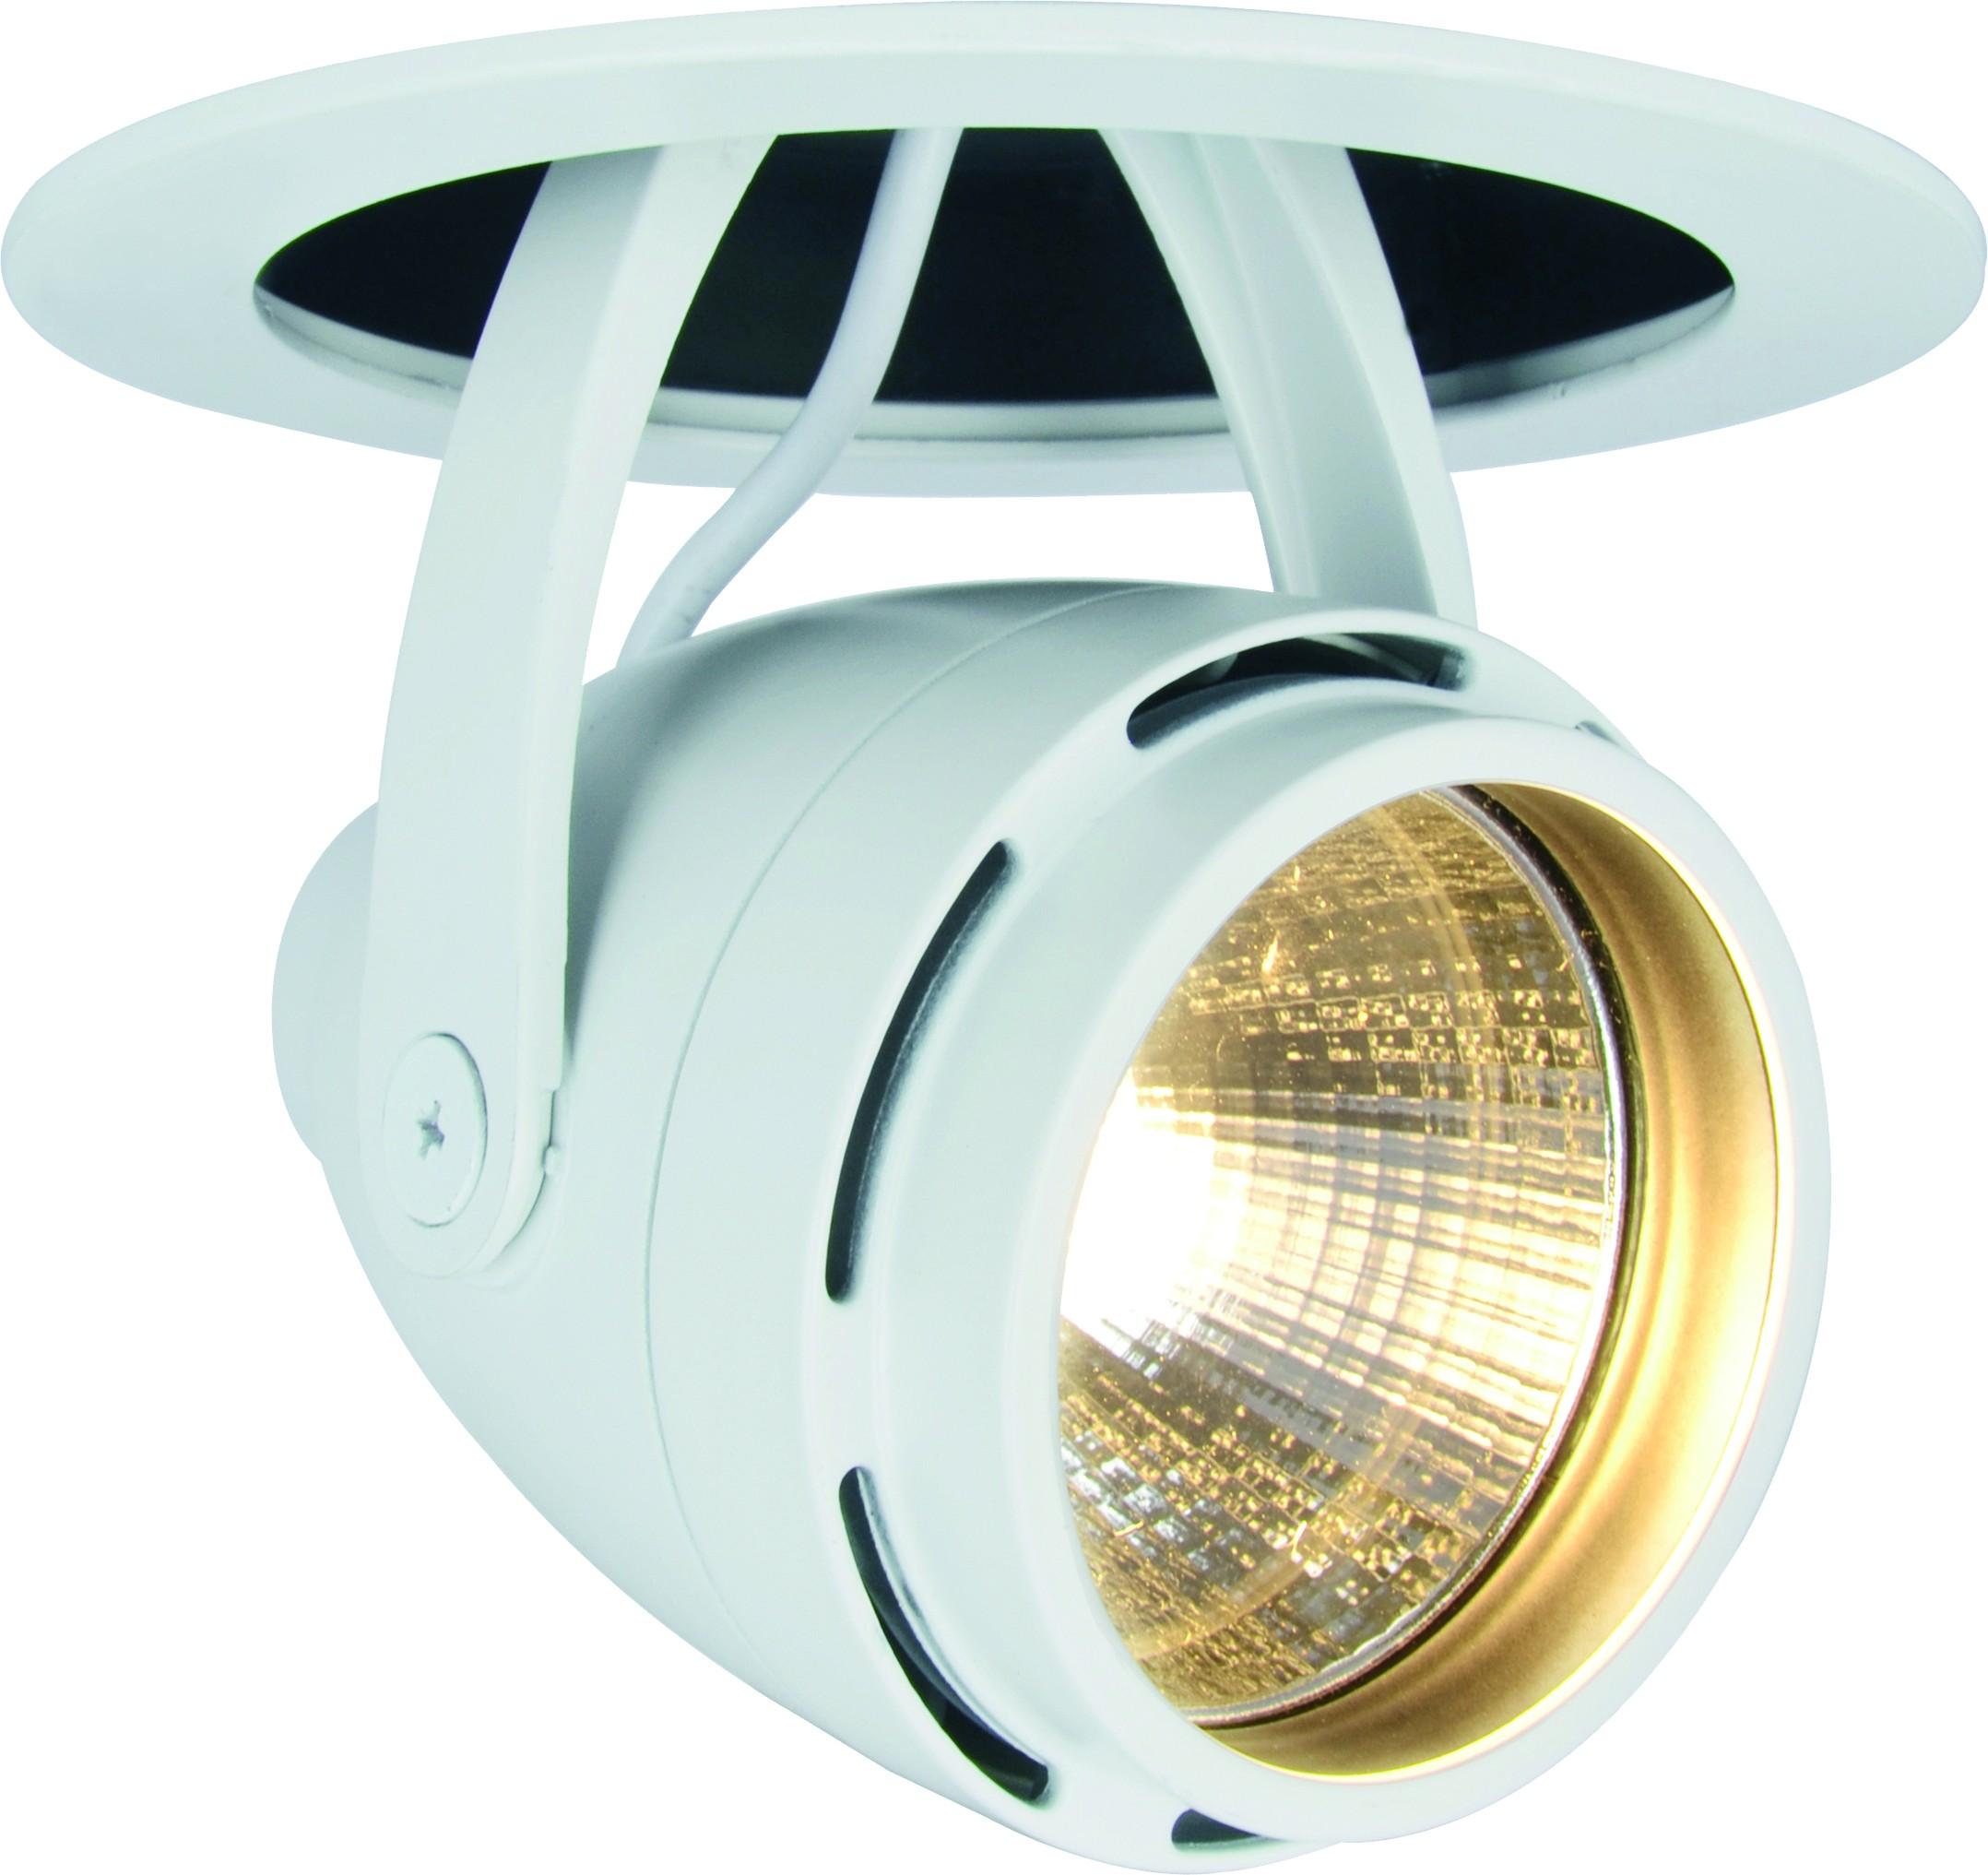 Светильник встраиваемый Arte lamp A3120pl-1wh arte lamp встраиваемый светодиодный светильник arte lamp cardani a1212pl 1wh